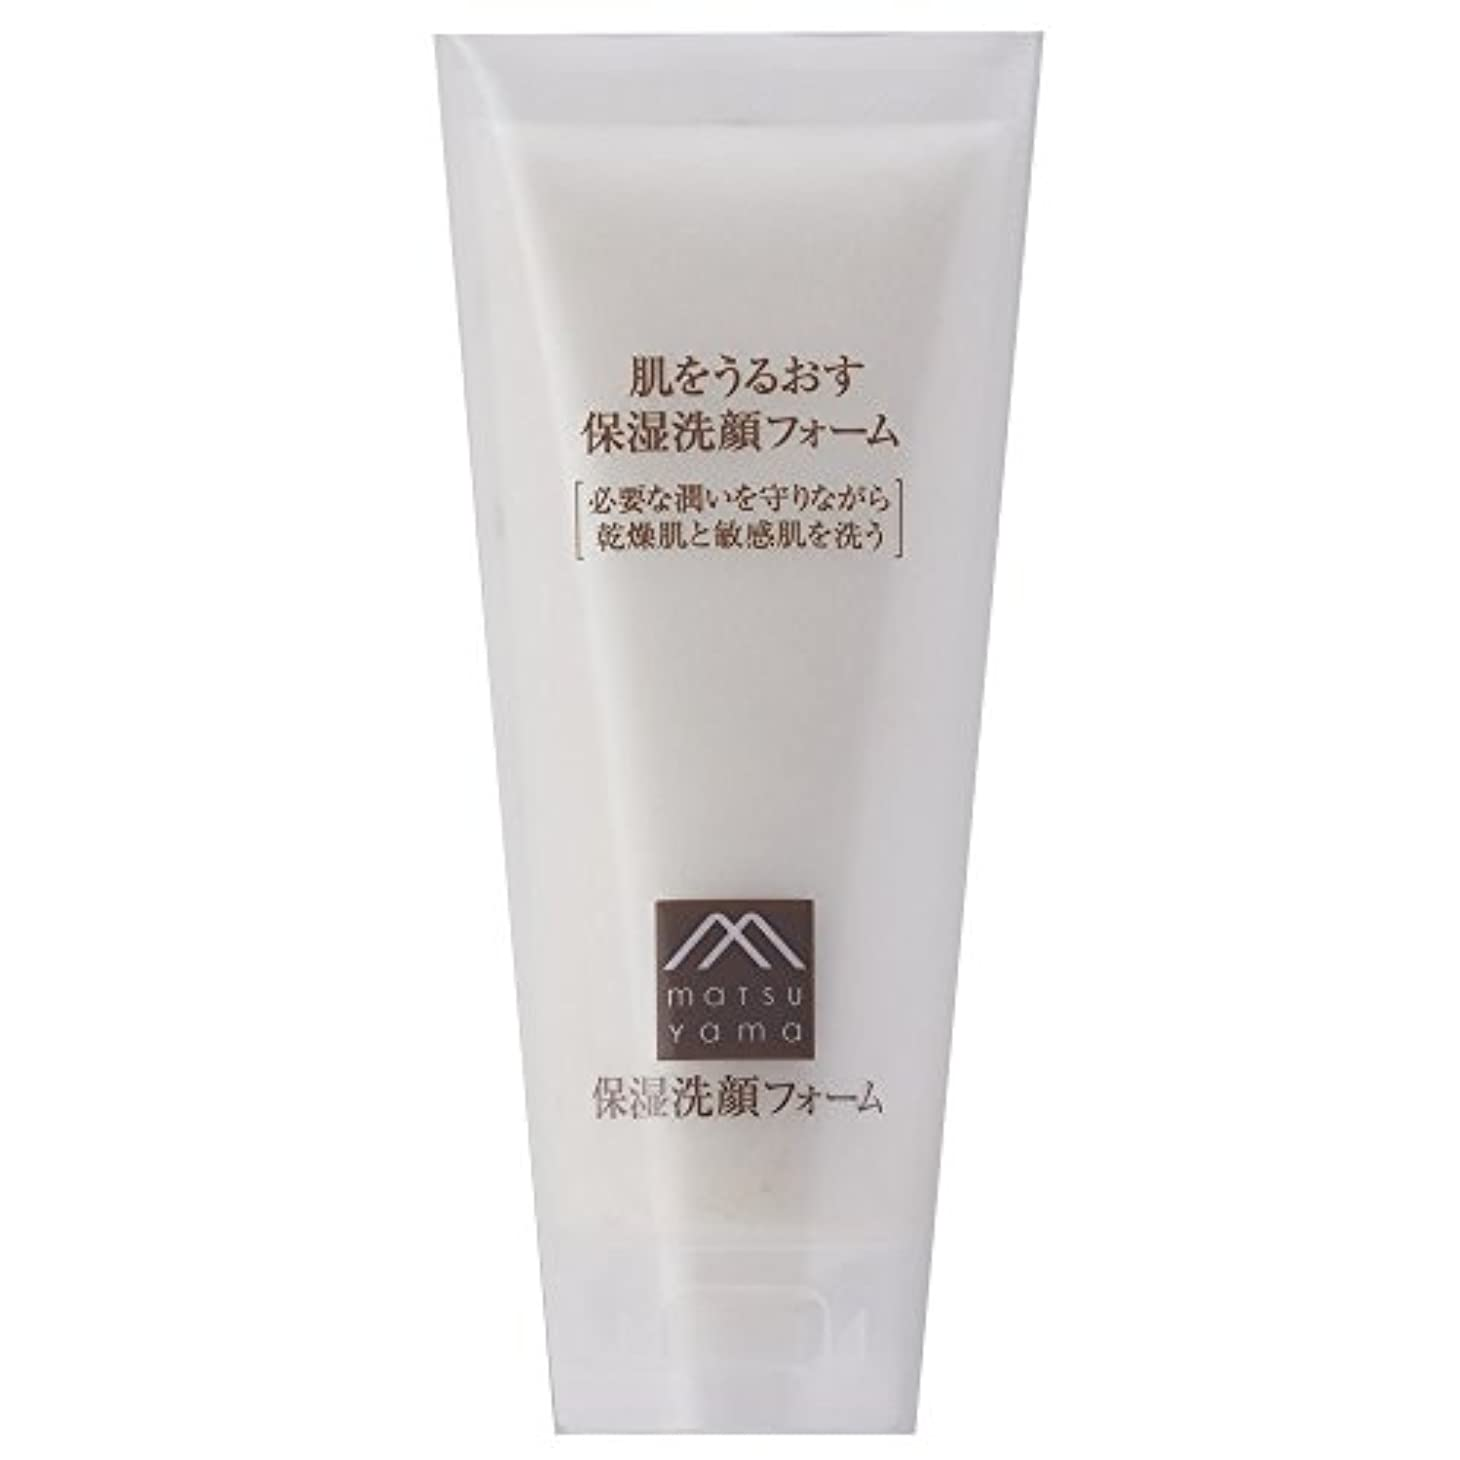 処理アレルギーアンプ肌をうるおす保湿洗顔フォーム(洗顔料) [乾燥肌 敏感肌]